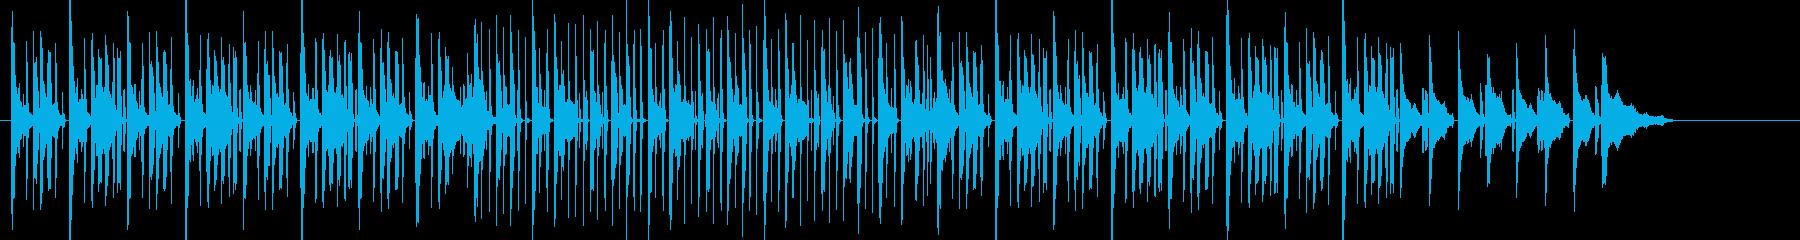 ラップが似合いそうななヒップホップ曲の再生済みの波形